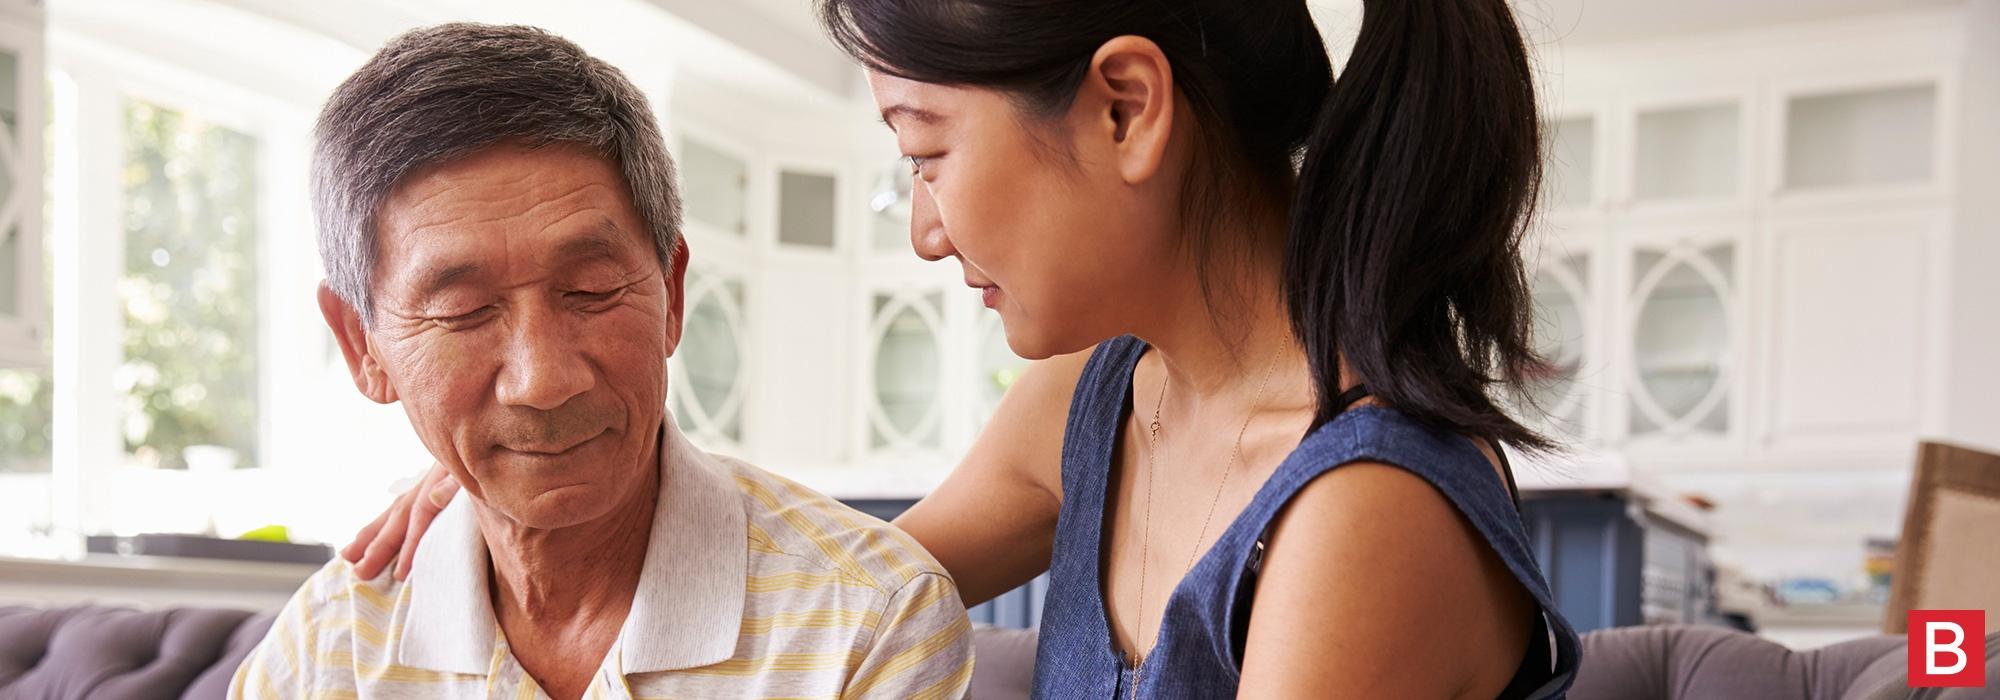 Balancing-Caregiver-into-Parents-Life-2000x700.jpg